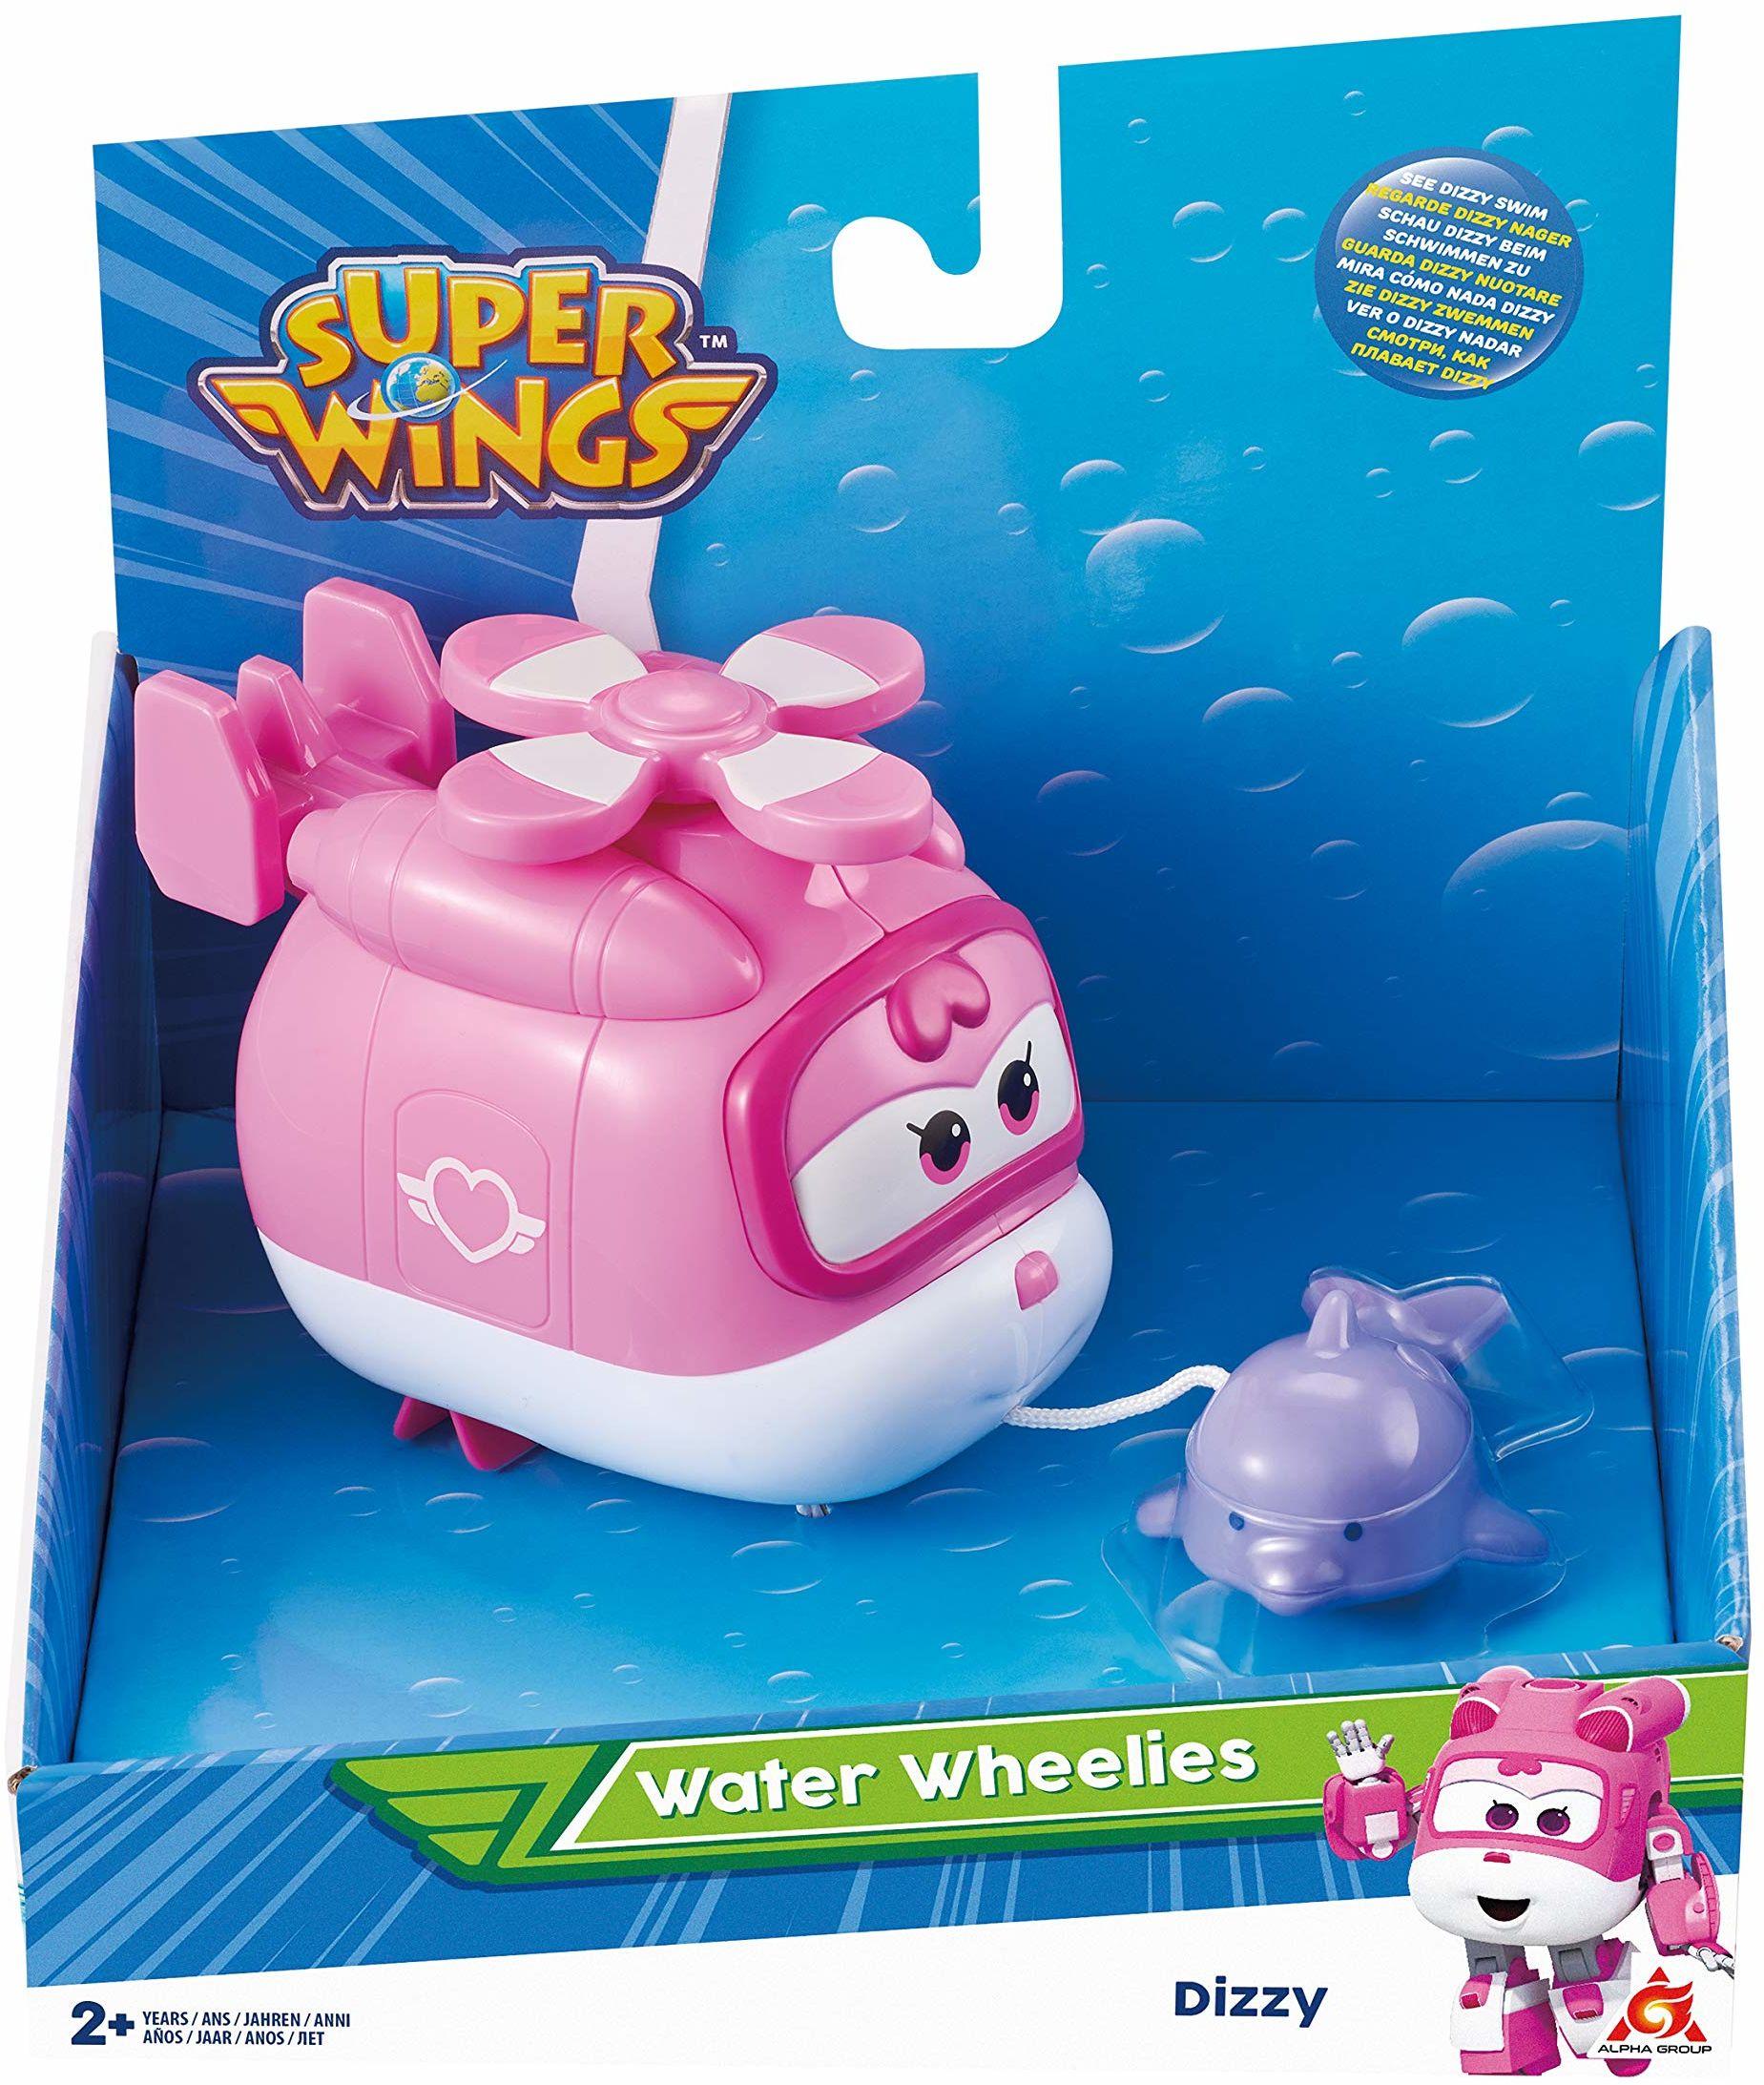 Super Wings EU721114 EU721114-Water Wheelies-Dizzy